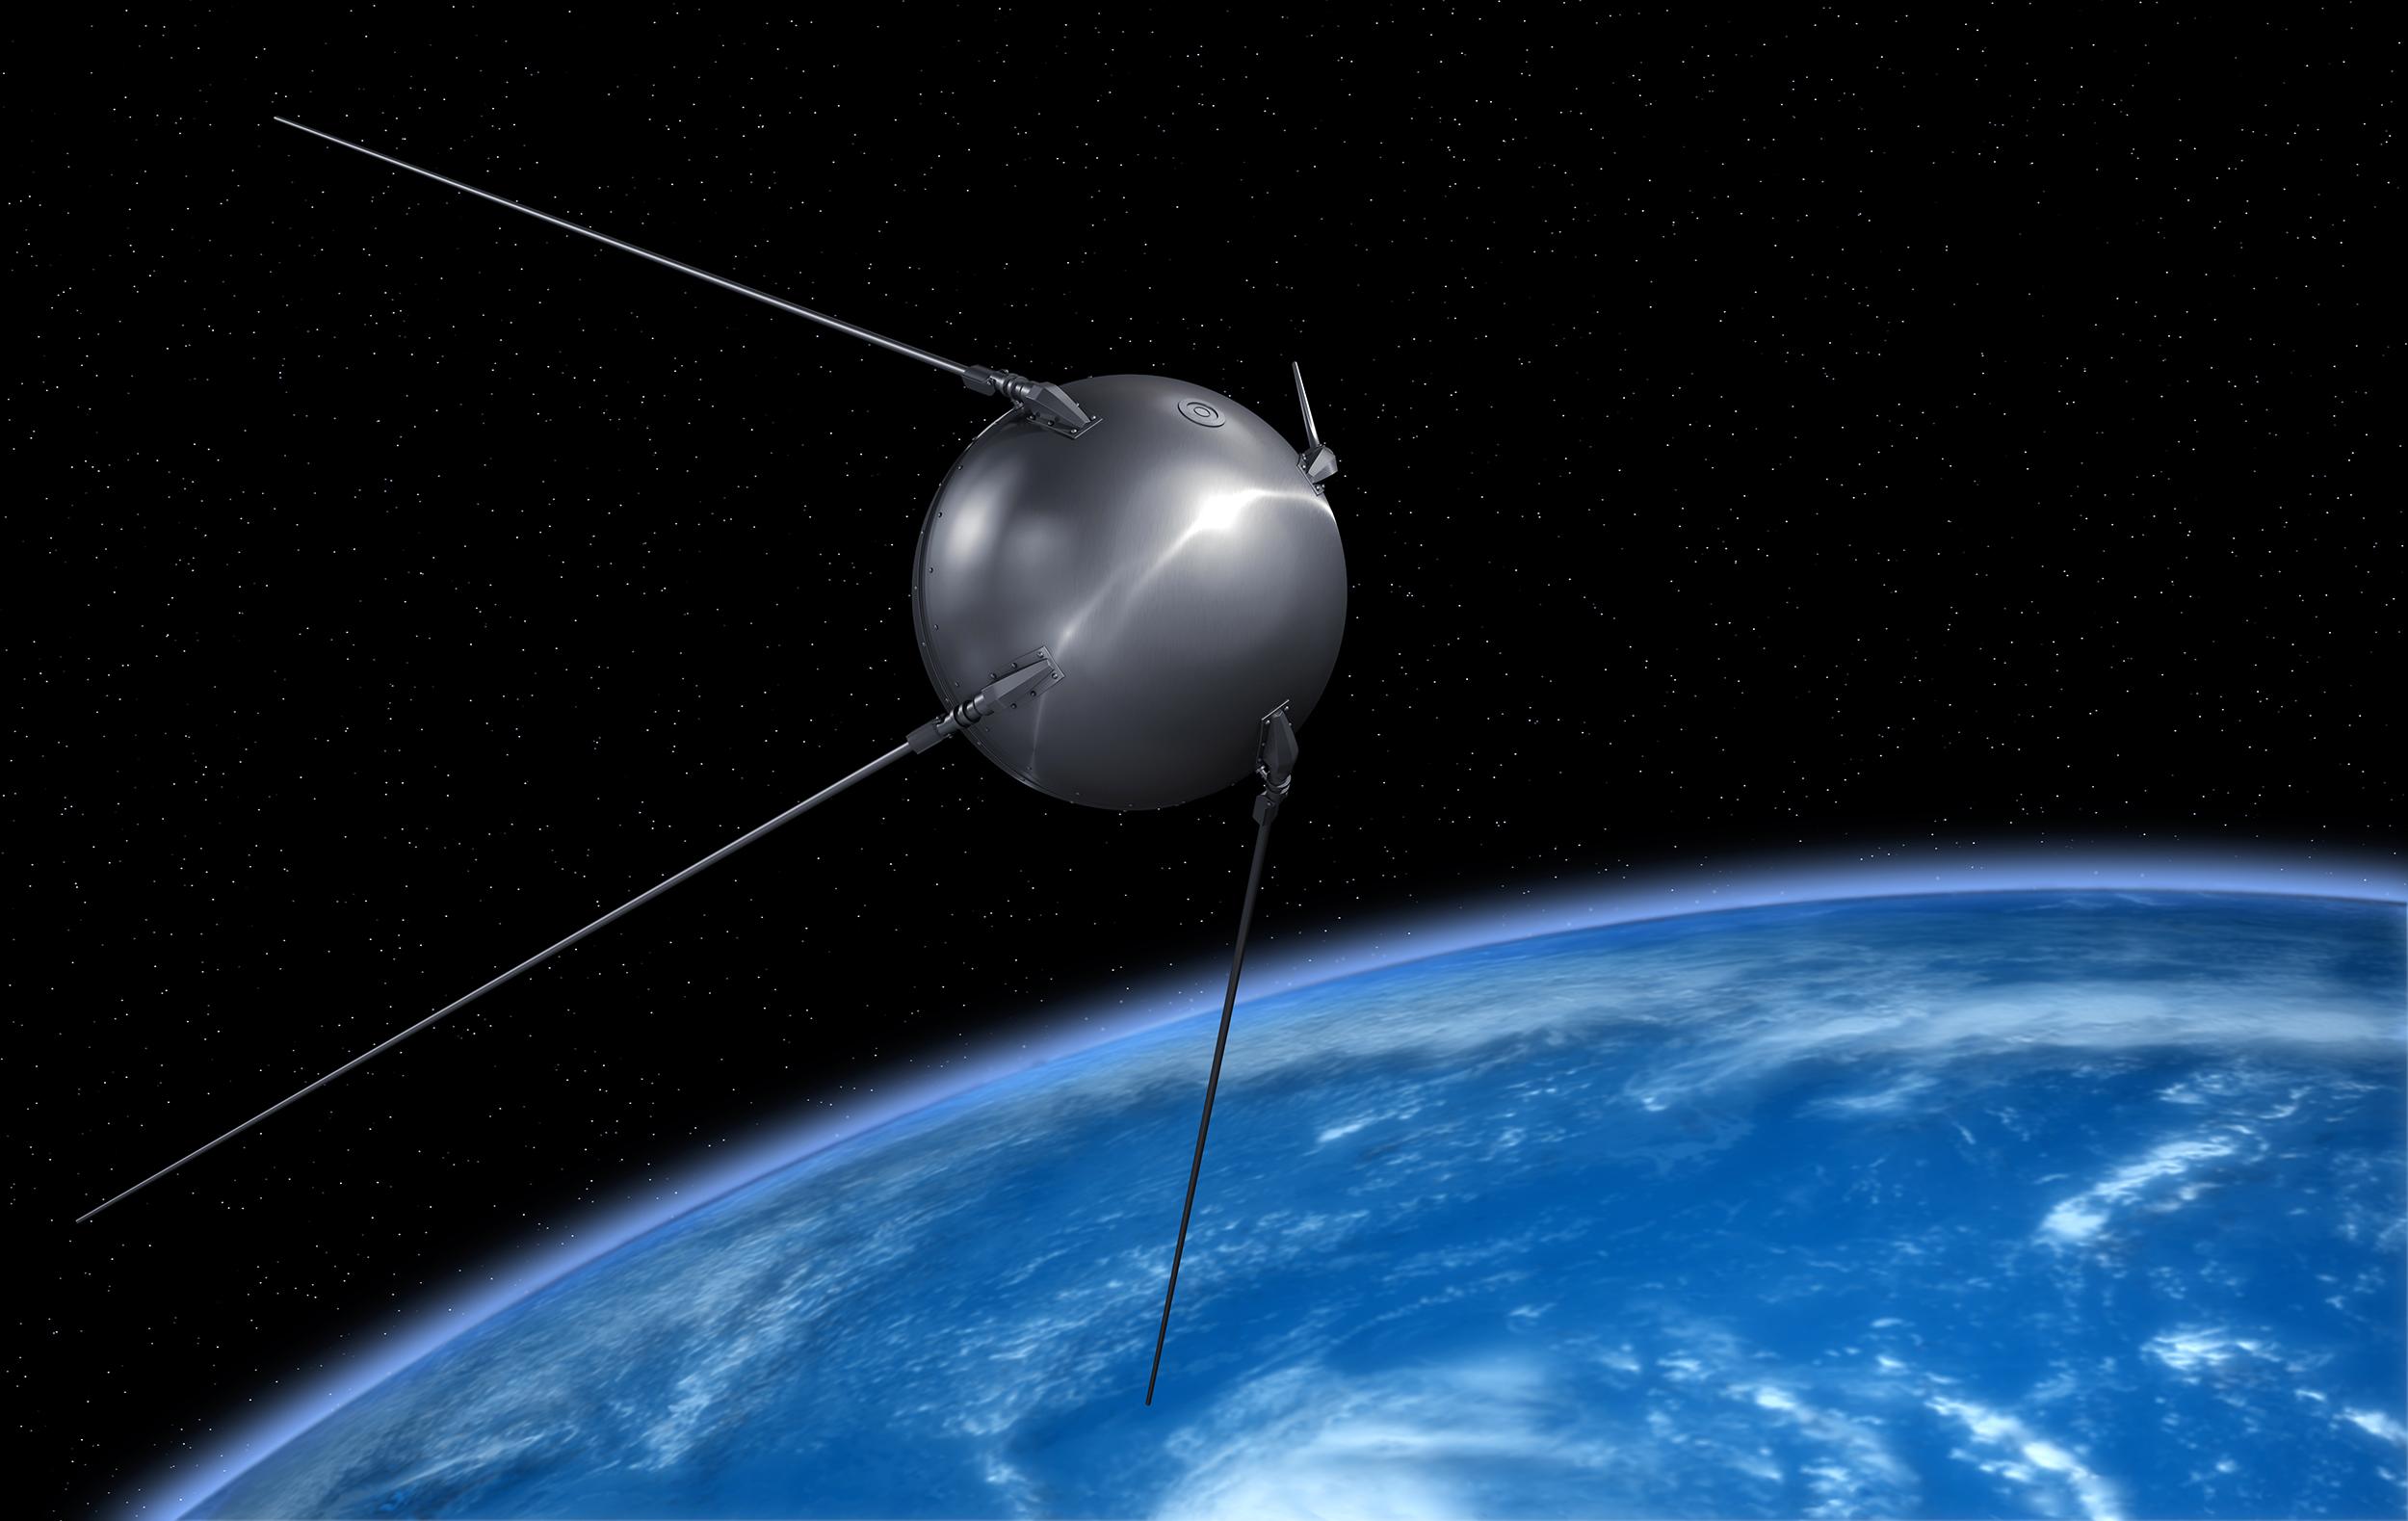 Image: Sputnik Illustration